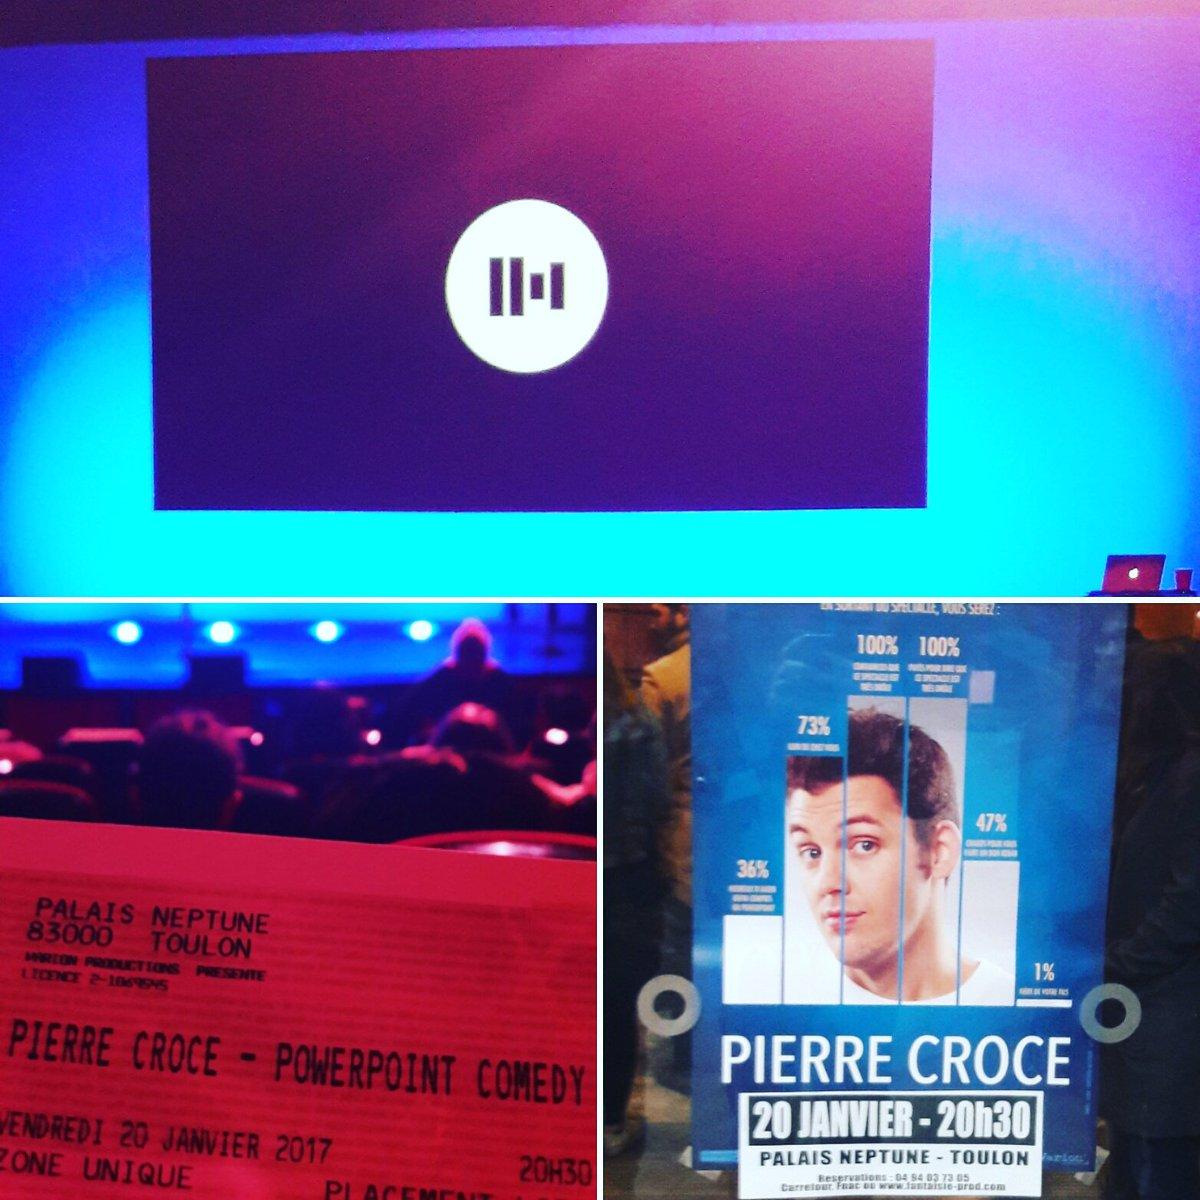 Alors évidemment bon spectacle à tous ! Un petit autographe au passage @PierreCroce  ?  #spectacle #powerpoint #comedy #youtuber #youtube<br>http://pic.twitter.com/0cy98KEETO